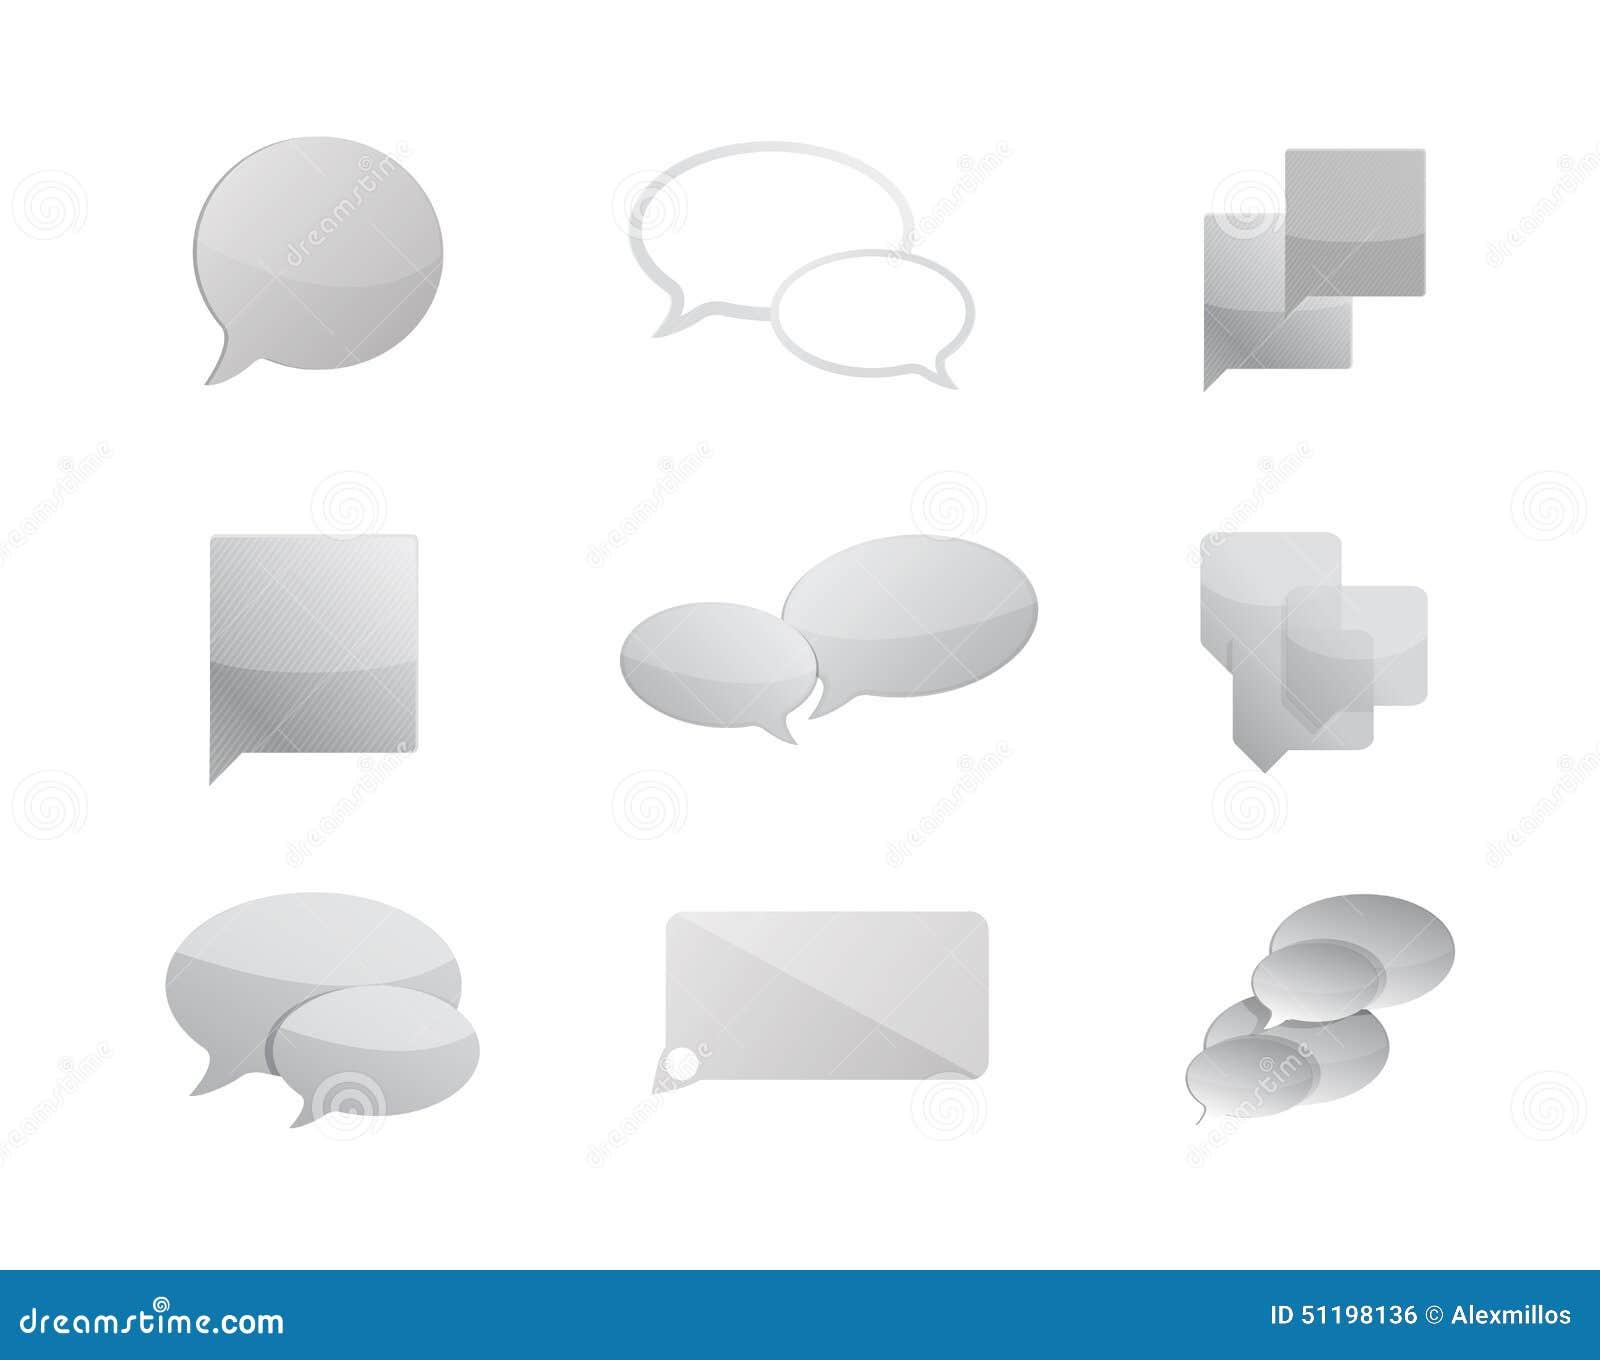 Komunikacja gulgocze ikona ustalonego ilustracyjnego projekt